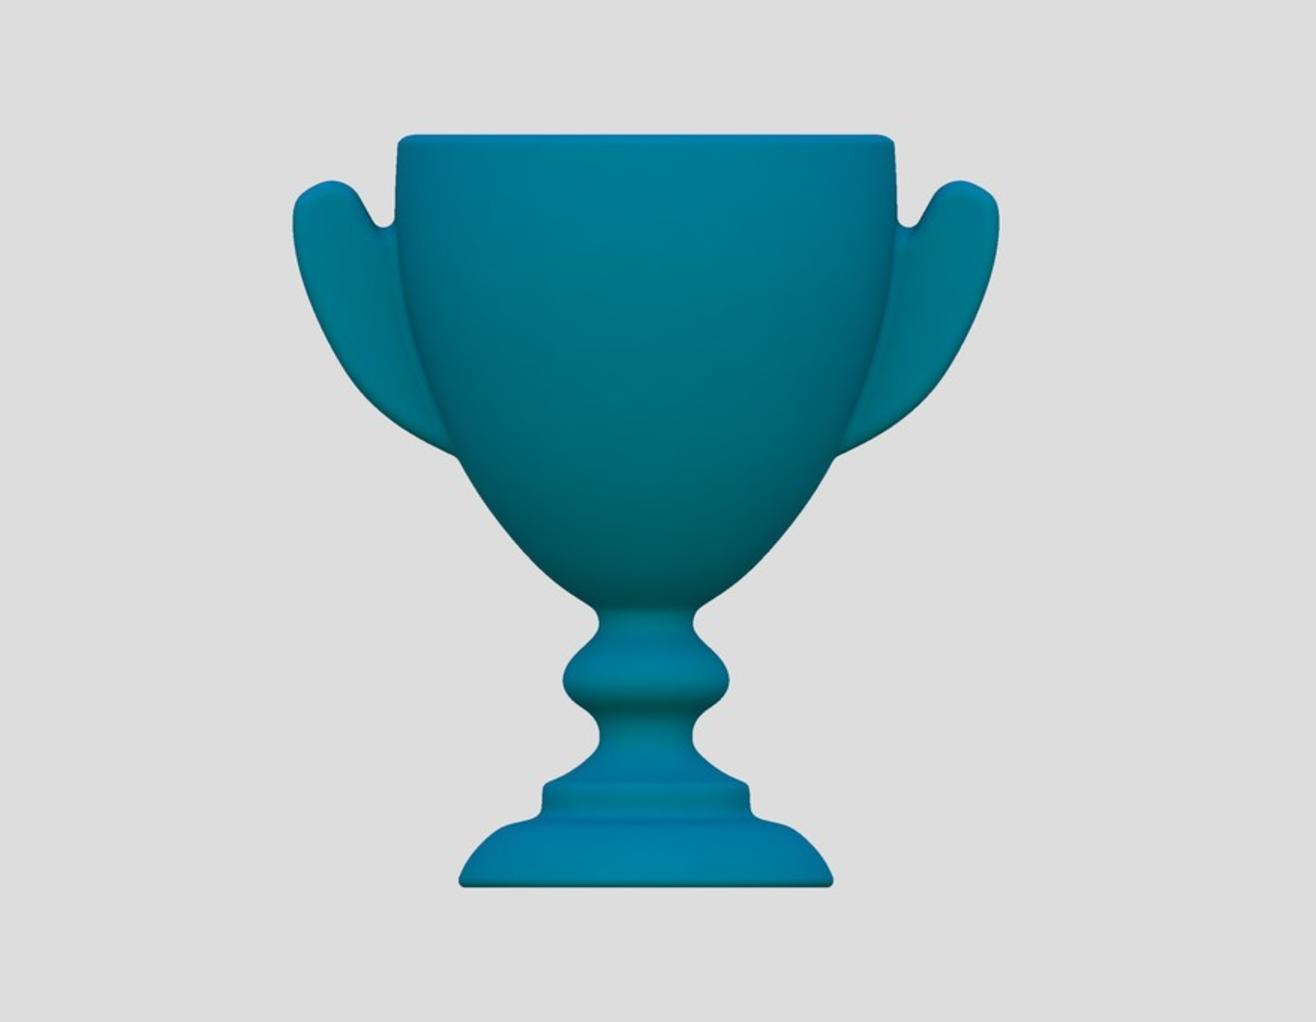 Capture d'écran 2017-04-12 à 14.25.35.png Download free STL file Trophy 2 • 3D printable design, Chrisibub